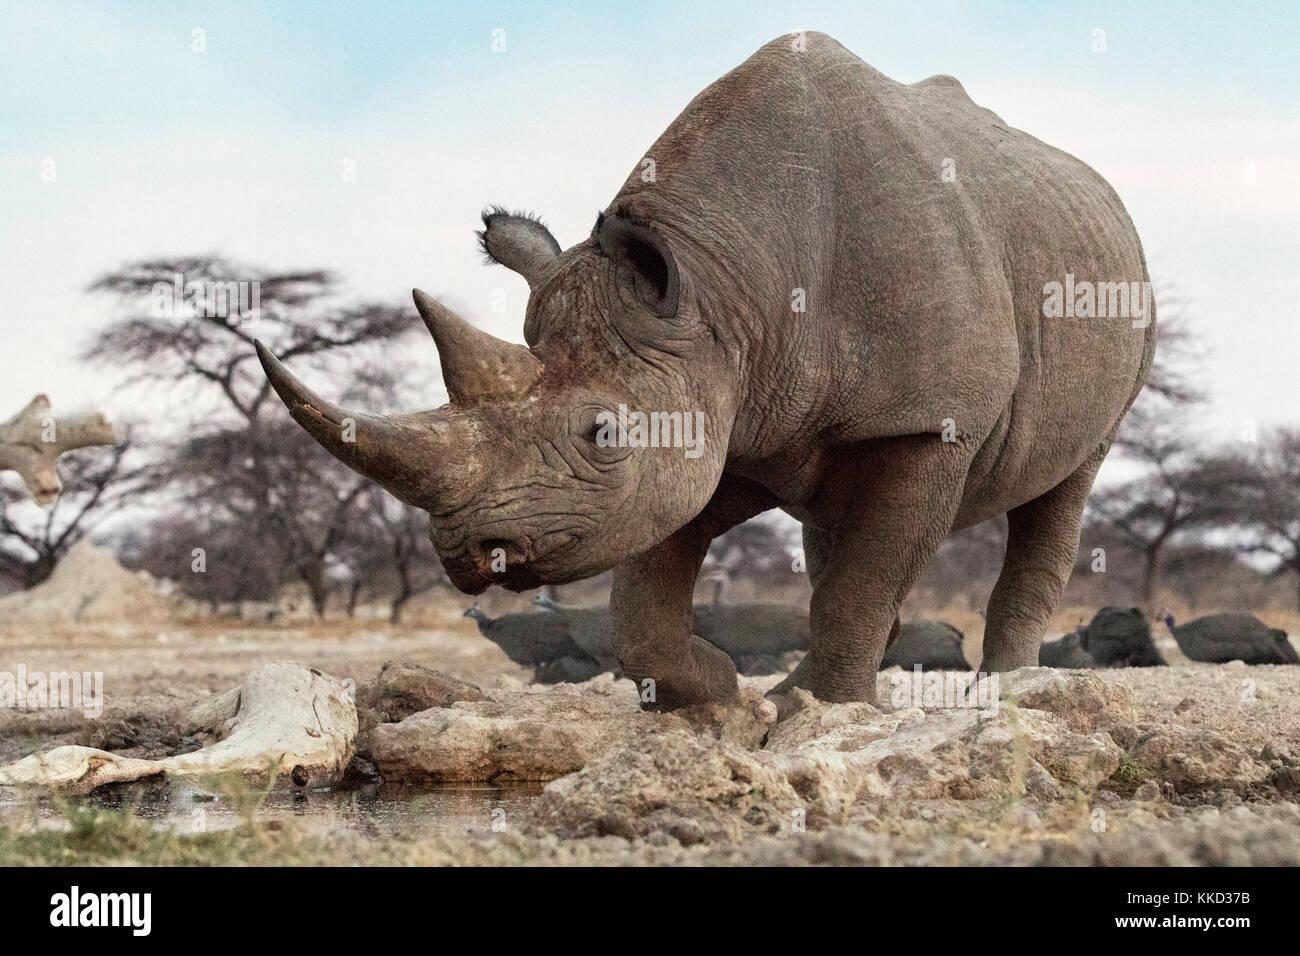 Black Rhino (Diceros bicornis) - eastern side of Etosha National Park, Namibia, Africa - Stock Image